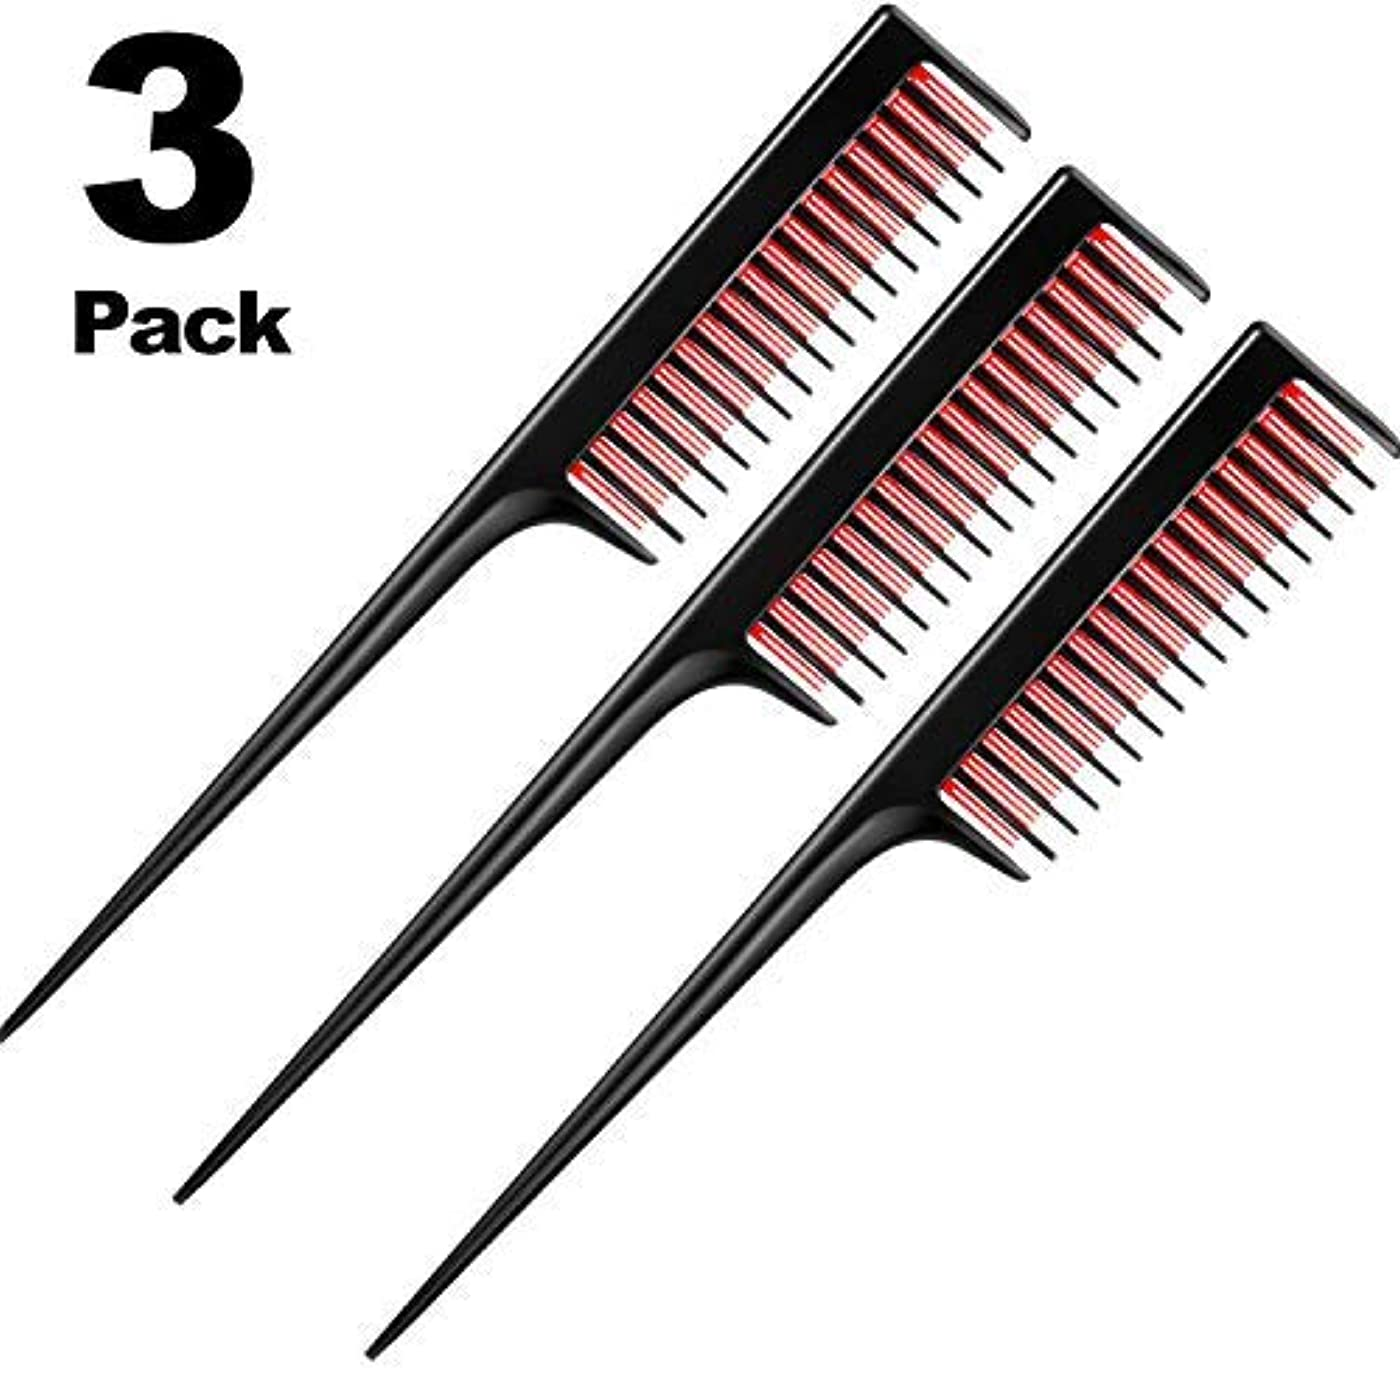 発生塩透けて見える3 Piece Triple Teasing Comb, rat tail combs for women,Tool Structure Tease Layers Rattail Comb,Rat Tail Comb for...